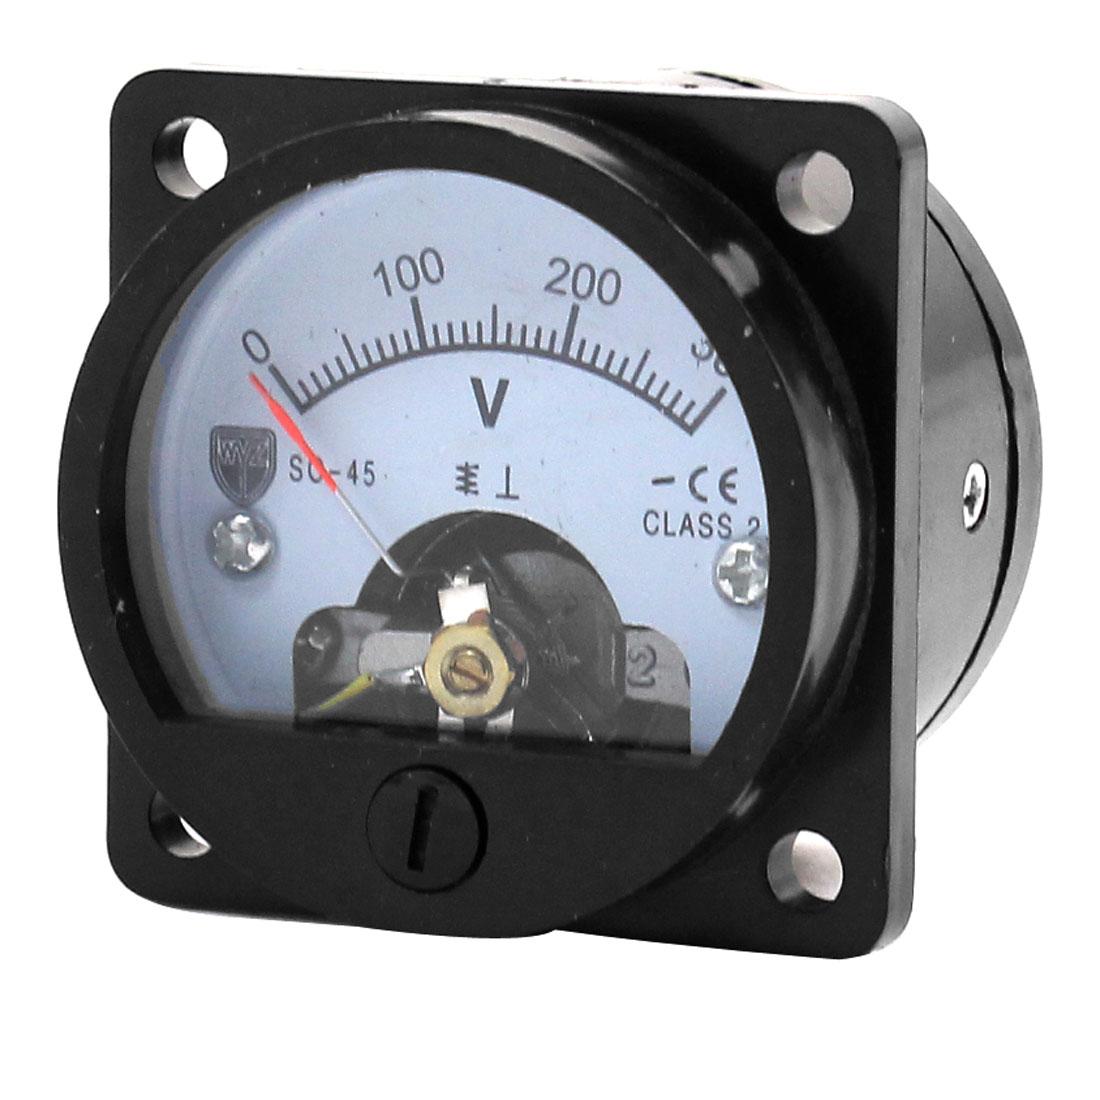 DC 0-300V Direct Current Voltage Panel Meter Voltmeter Black